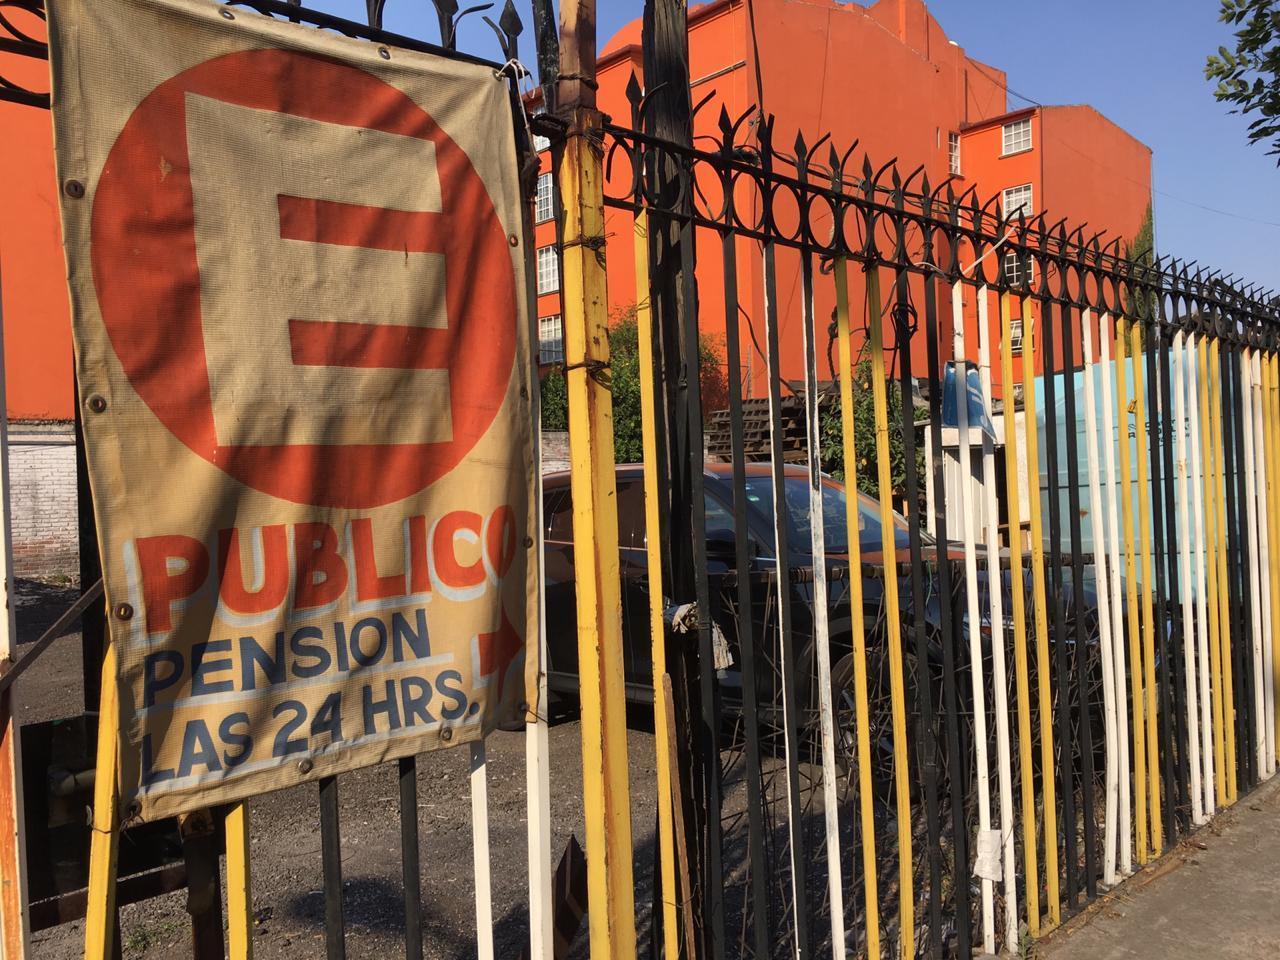 DE 14 A 21 PESOS POR HORA, NUEVAS TARIFAS DE ESTACIONAMIENTO EN TOLUCA